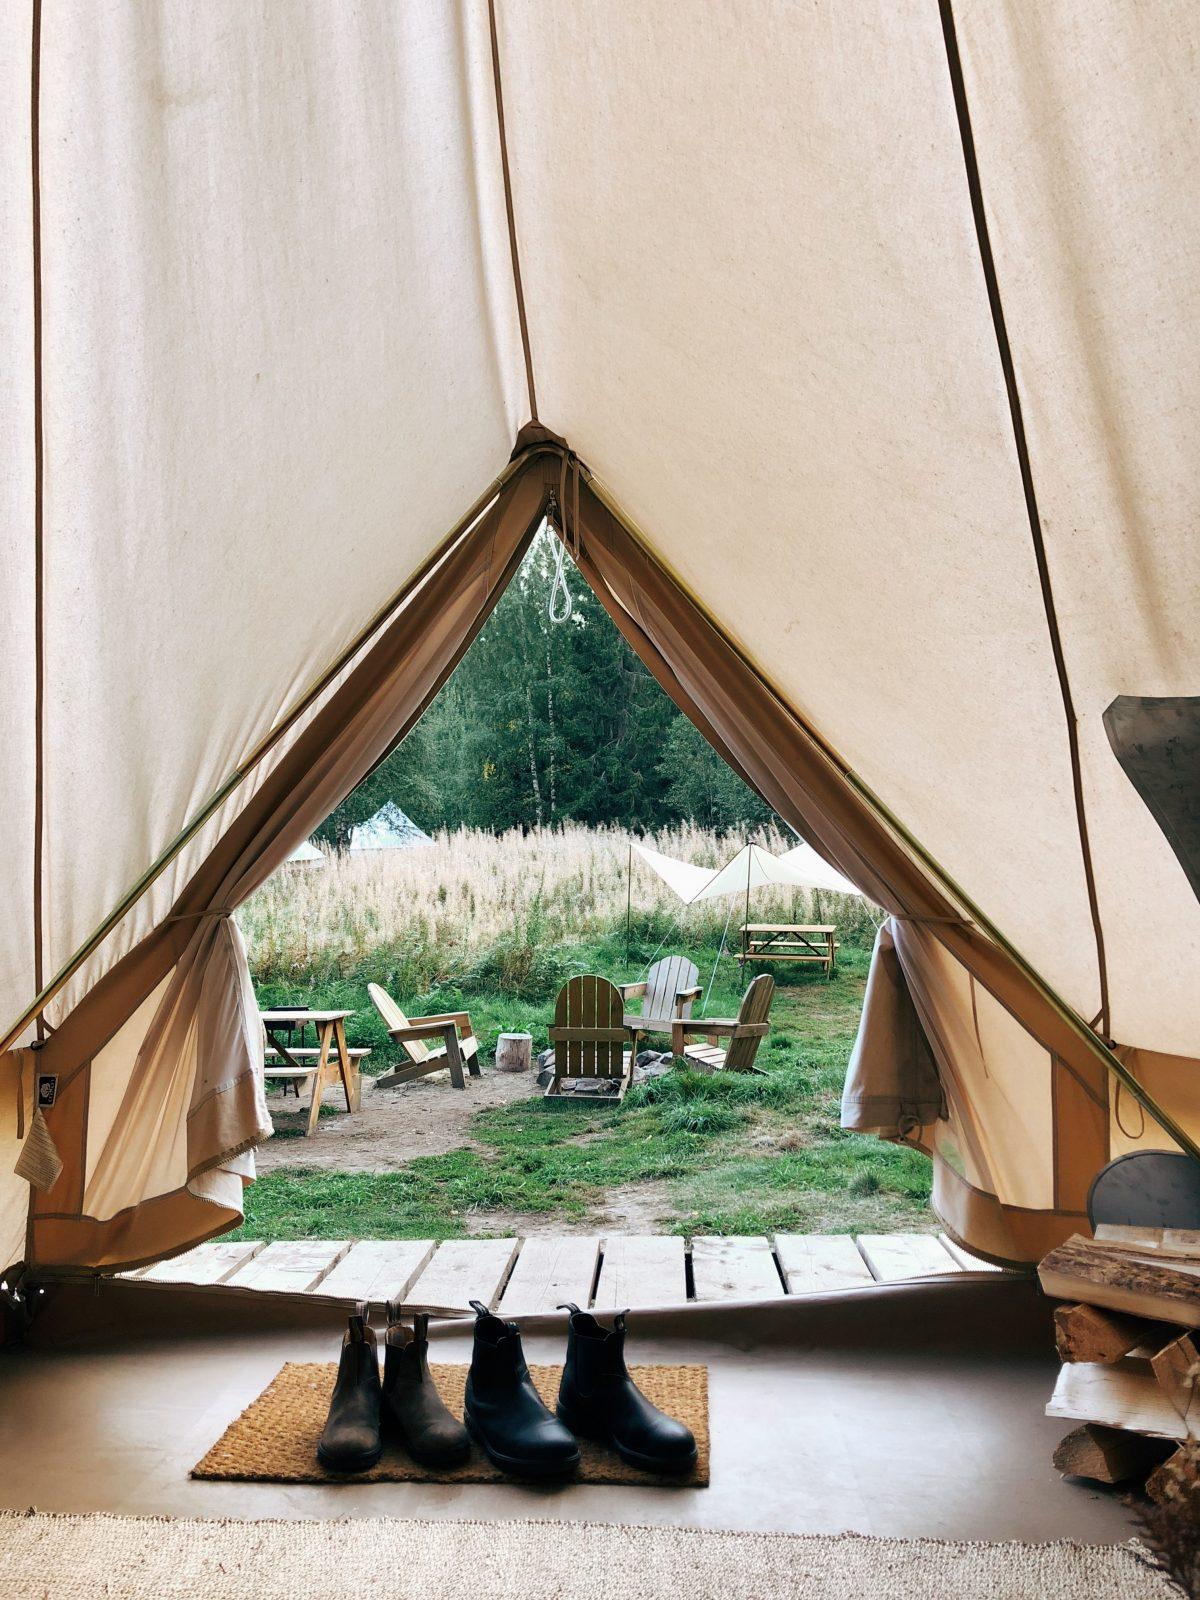 comfortzone tent voorkant open uitzicht over gras waar stoelen staan. Twee paar schoenen staan op een matje in de tent.